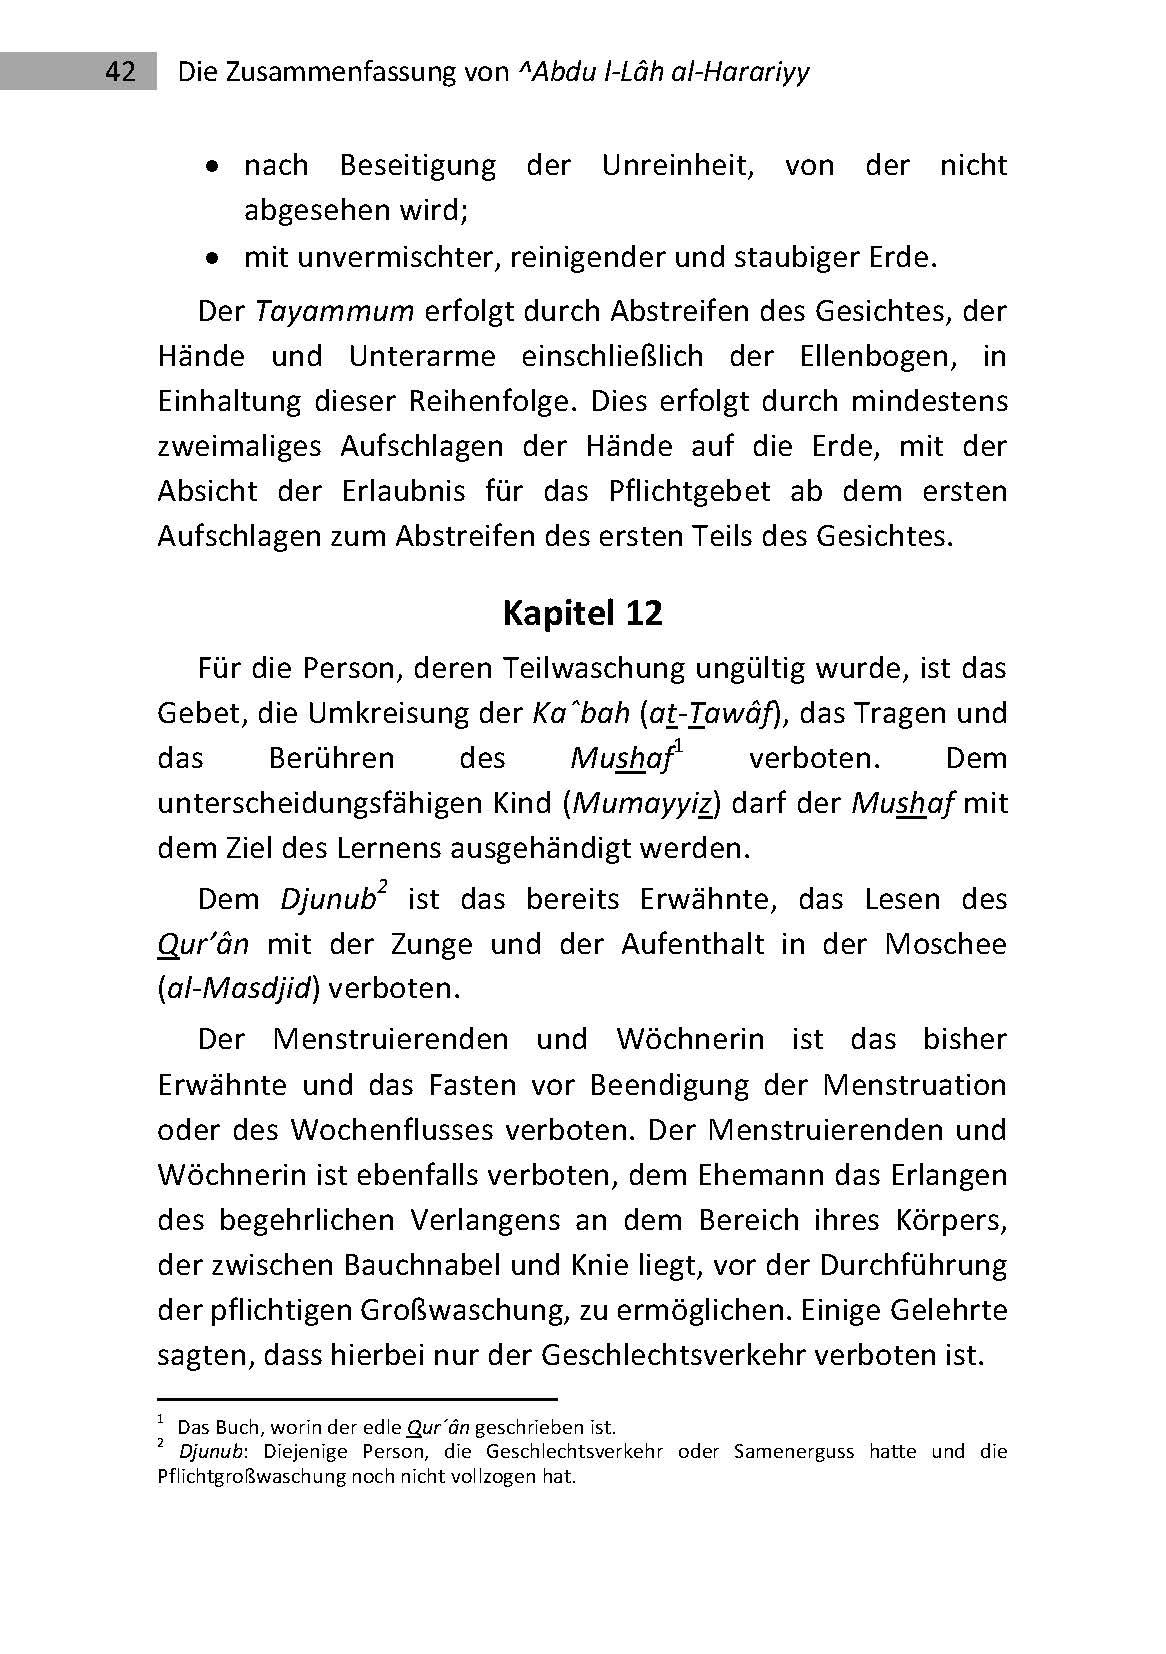 Die Zusammenfassung - 3. Auflage 2014_Seite_42